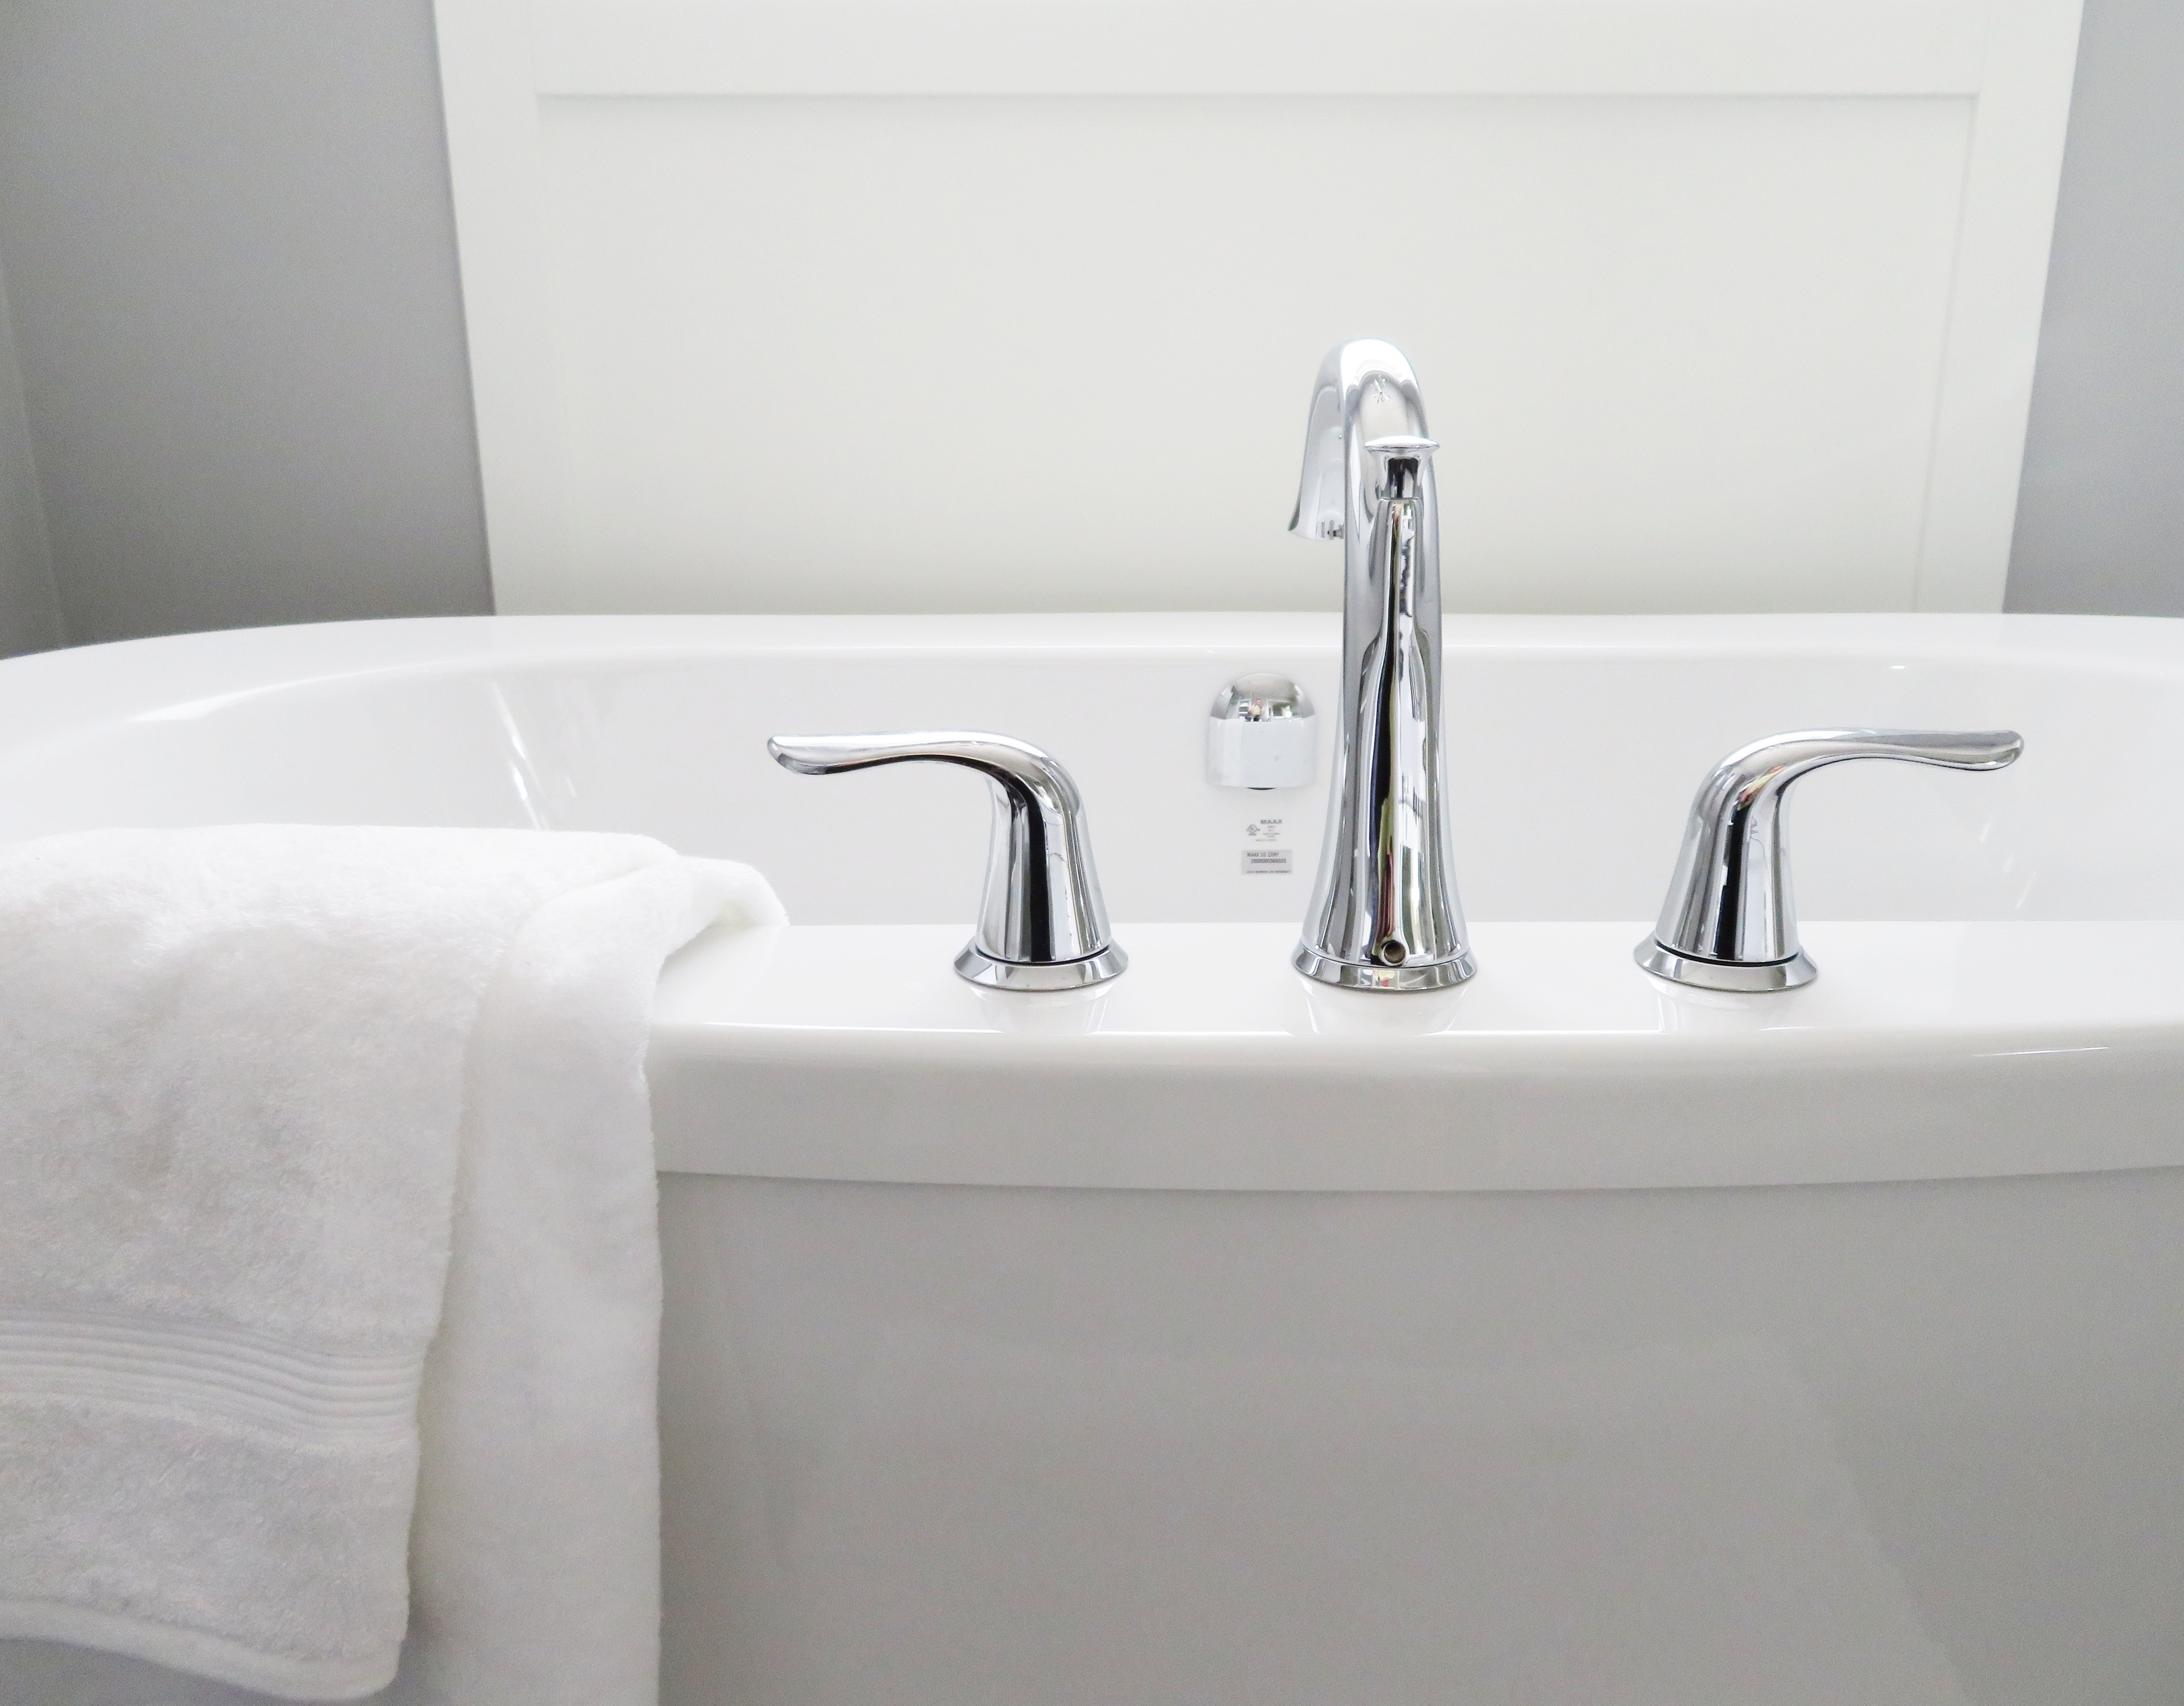 Find badeværelsesindretning og badeværelsesfliser til ethvert behov hos Nytbaderum.dk